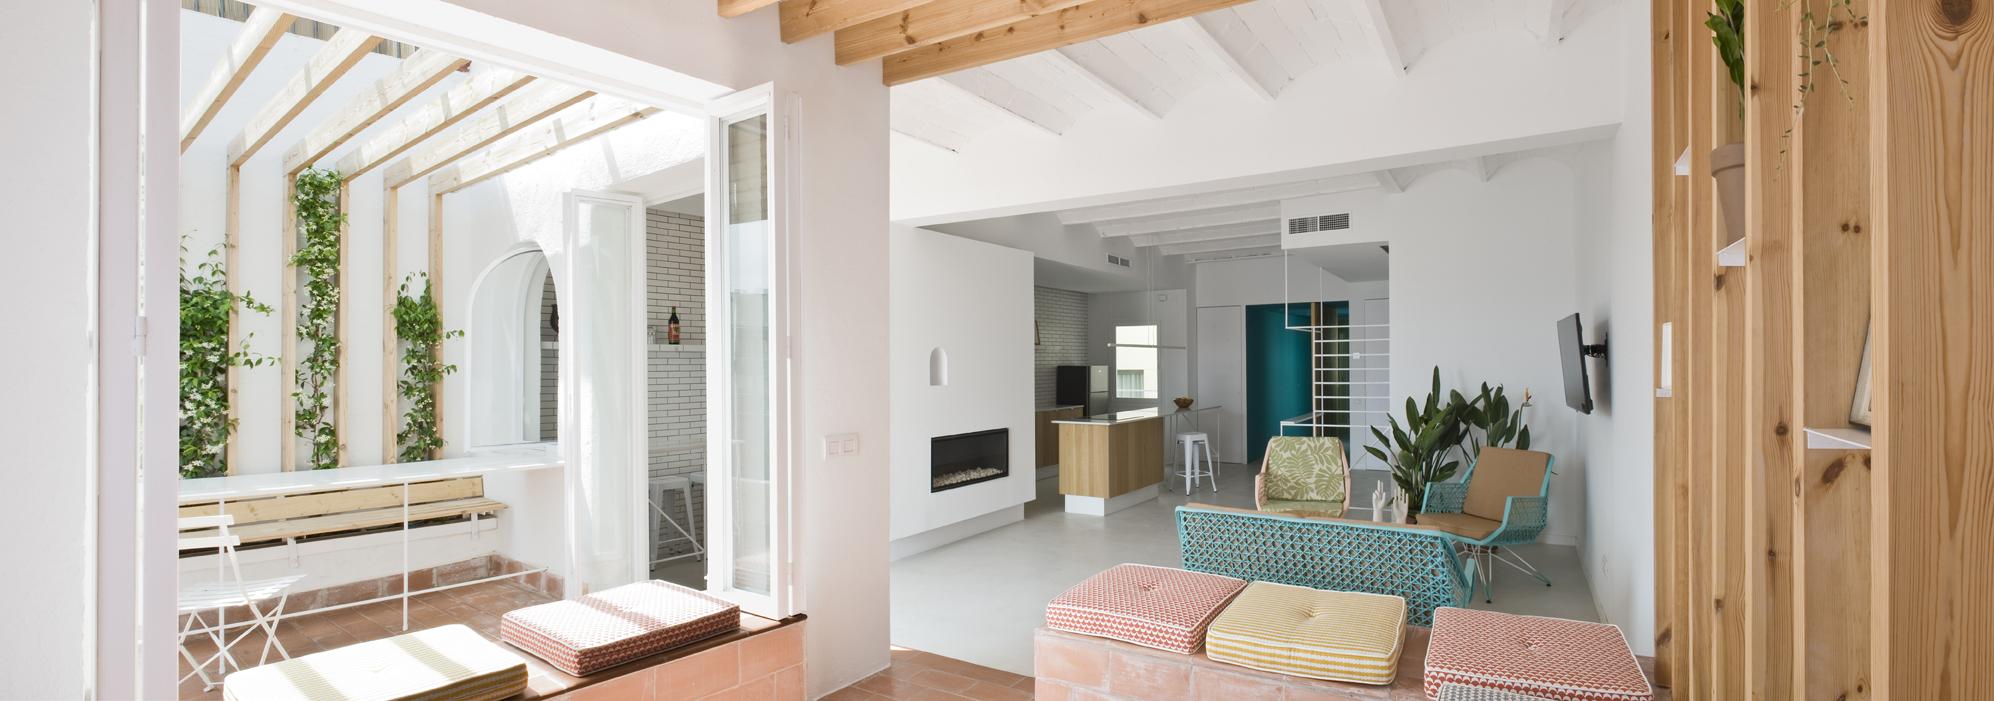 rénovation-appartement-design-béton-ciré-blanc